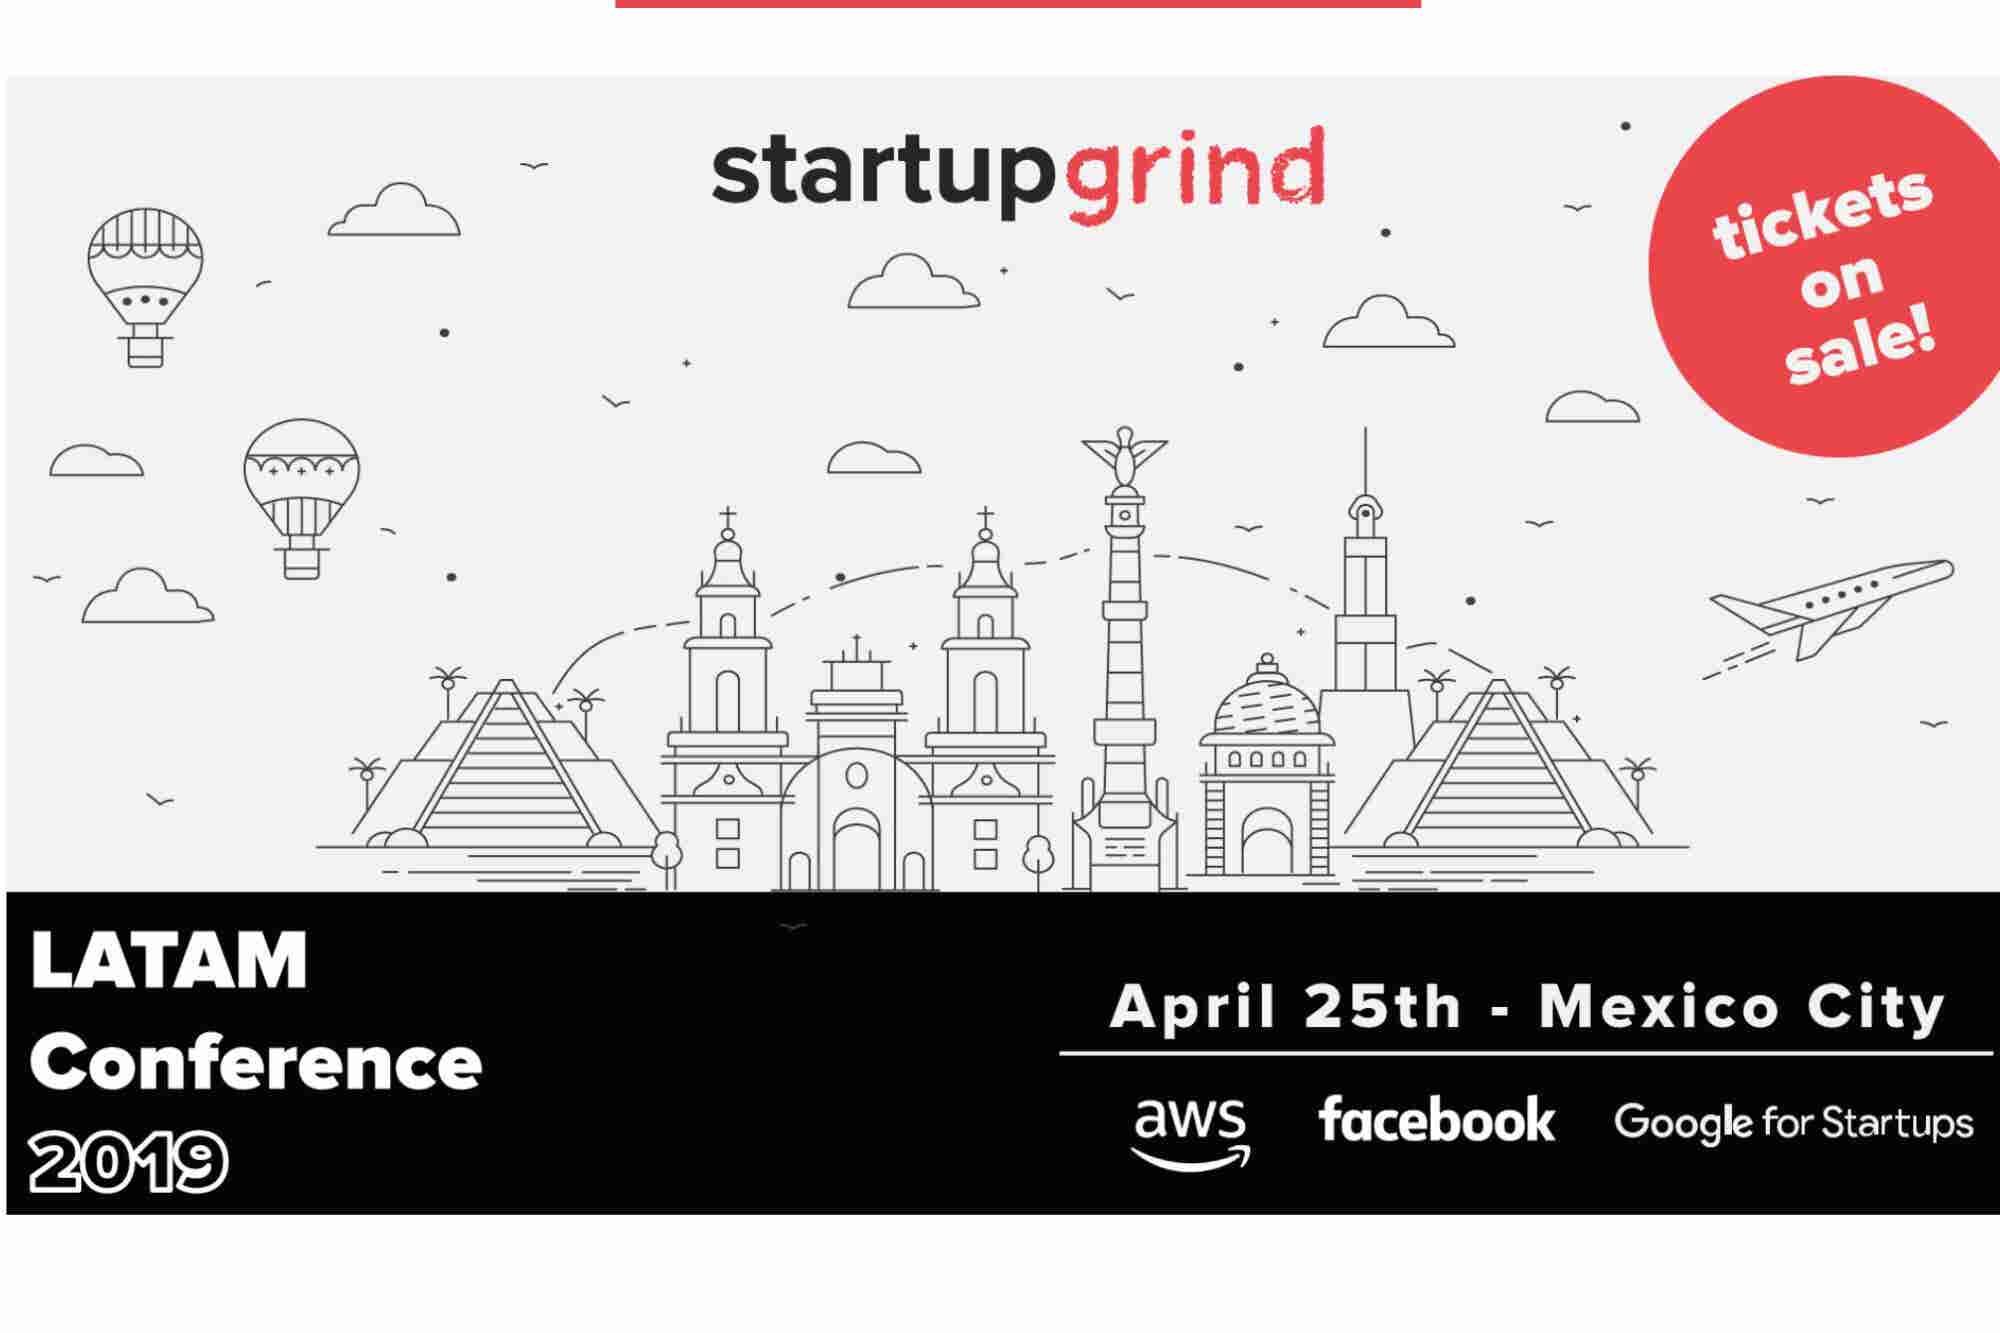 ¿Quieres acercarte a fondos de inversión? ¡Asiste al Startup Grind LATAM Conference!